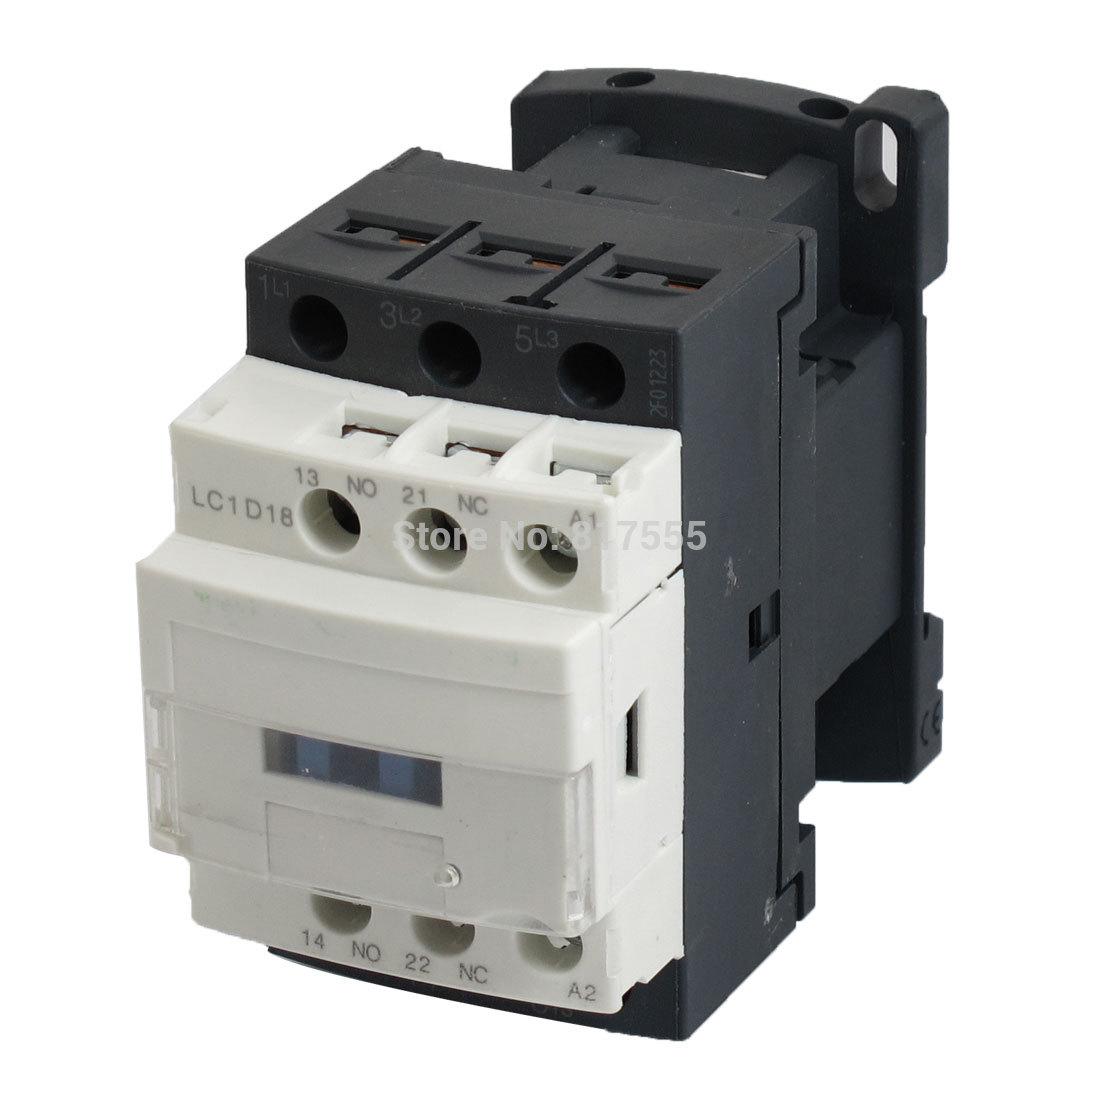 LC1D18 Motor Control AC Contactor 220V 50 60Hz Coil 32 font b Amp b  #5A5047